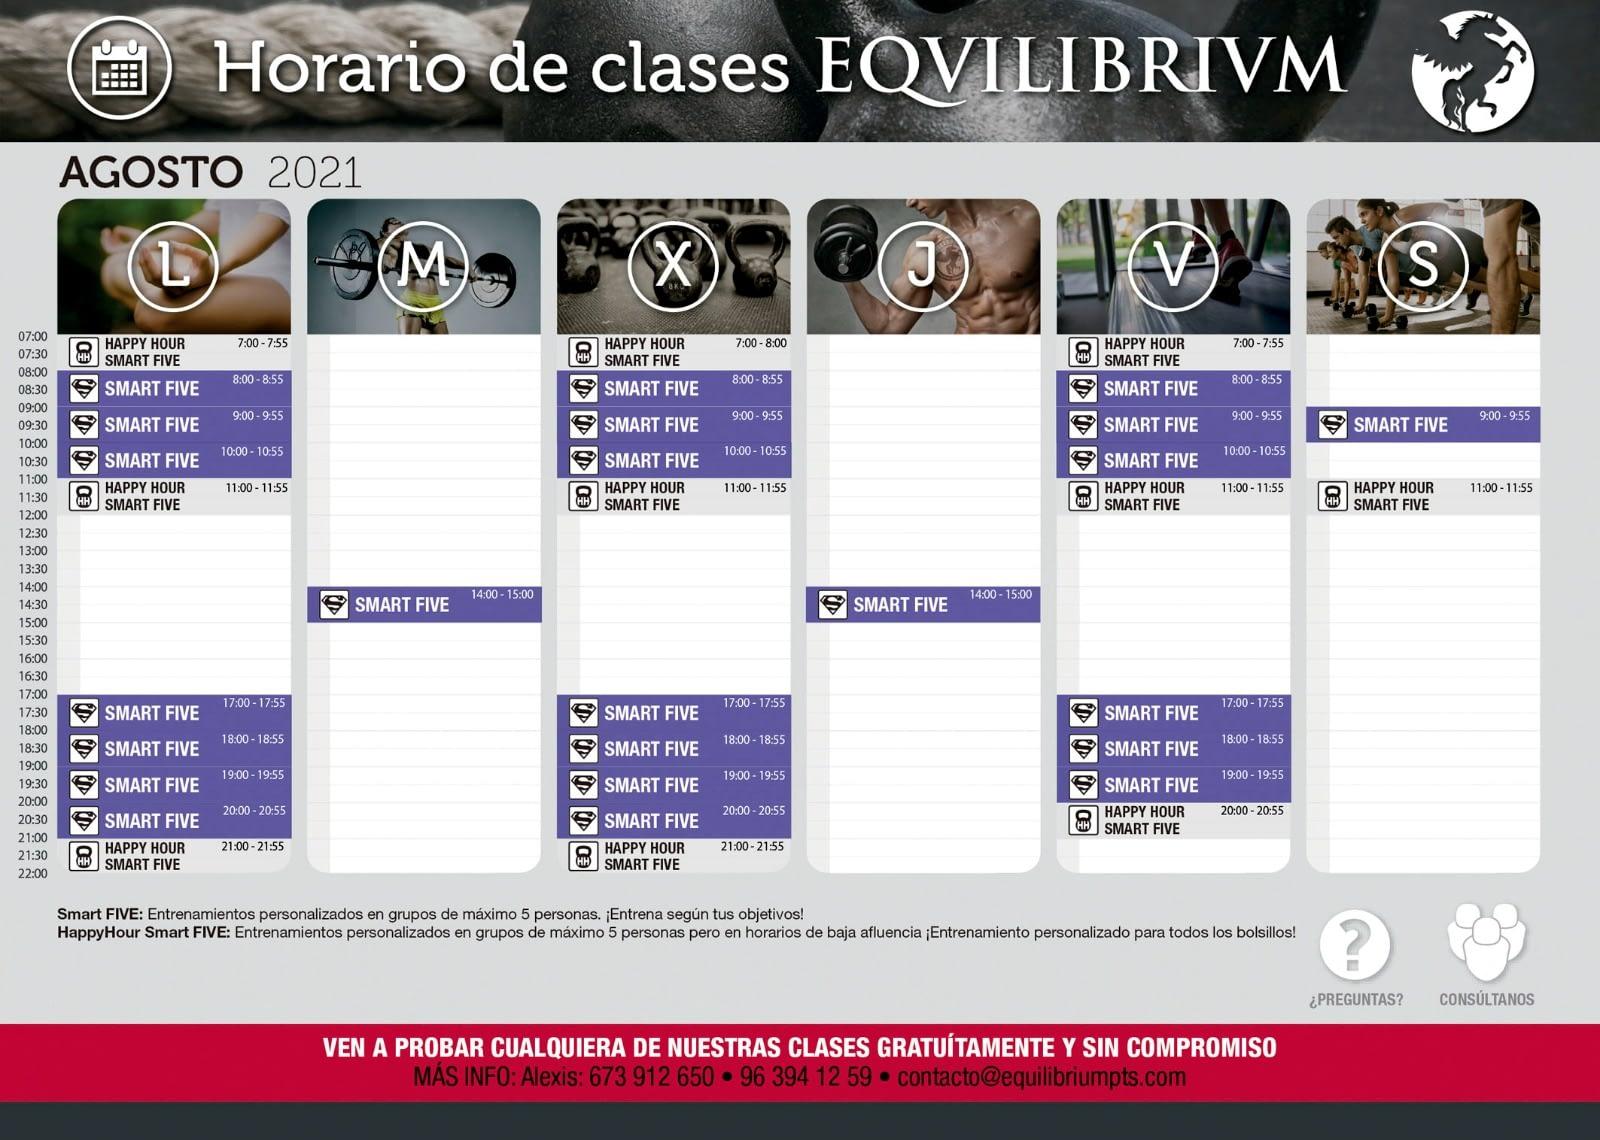 Horario de clases Equilibrium Agosto